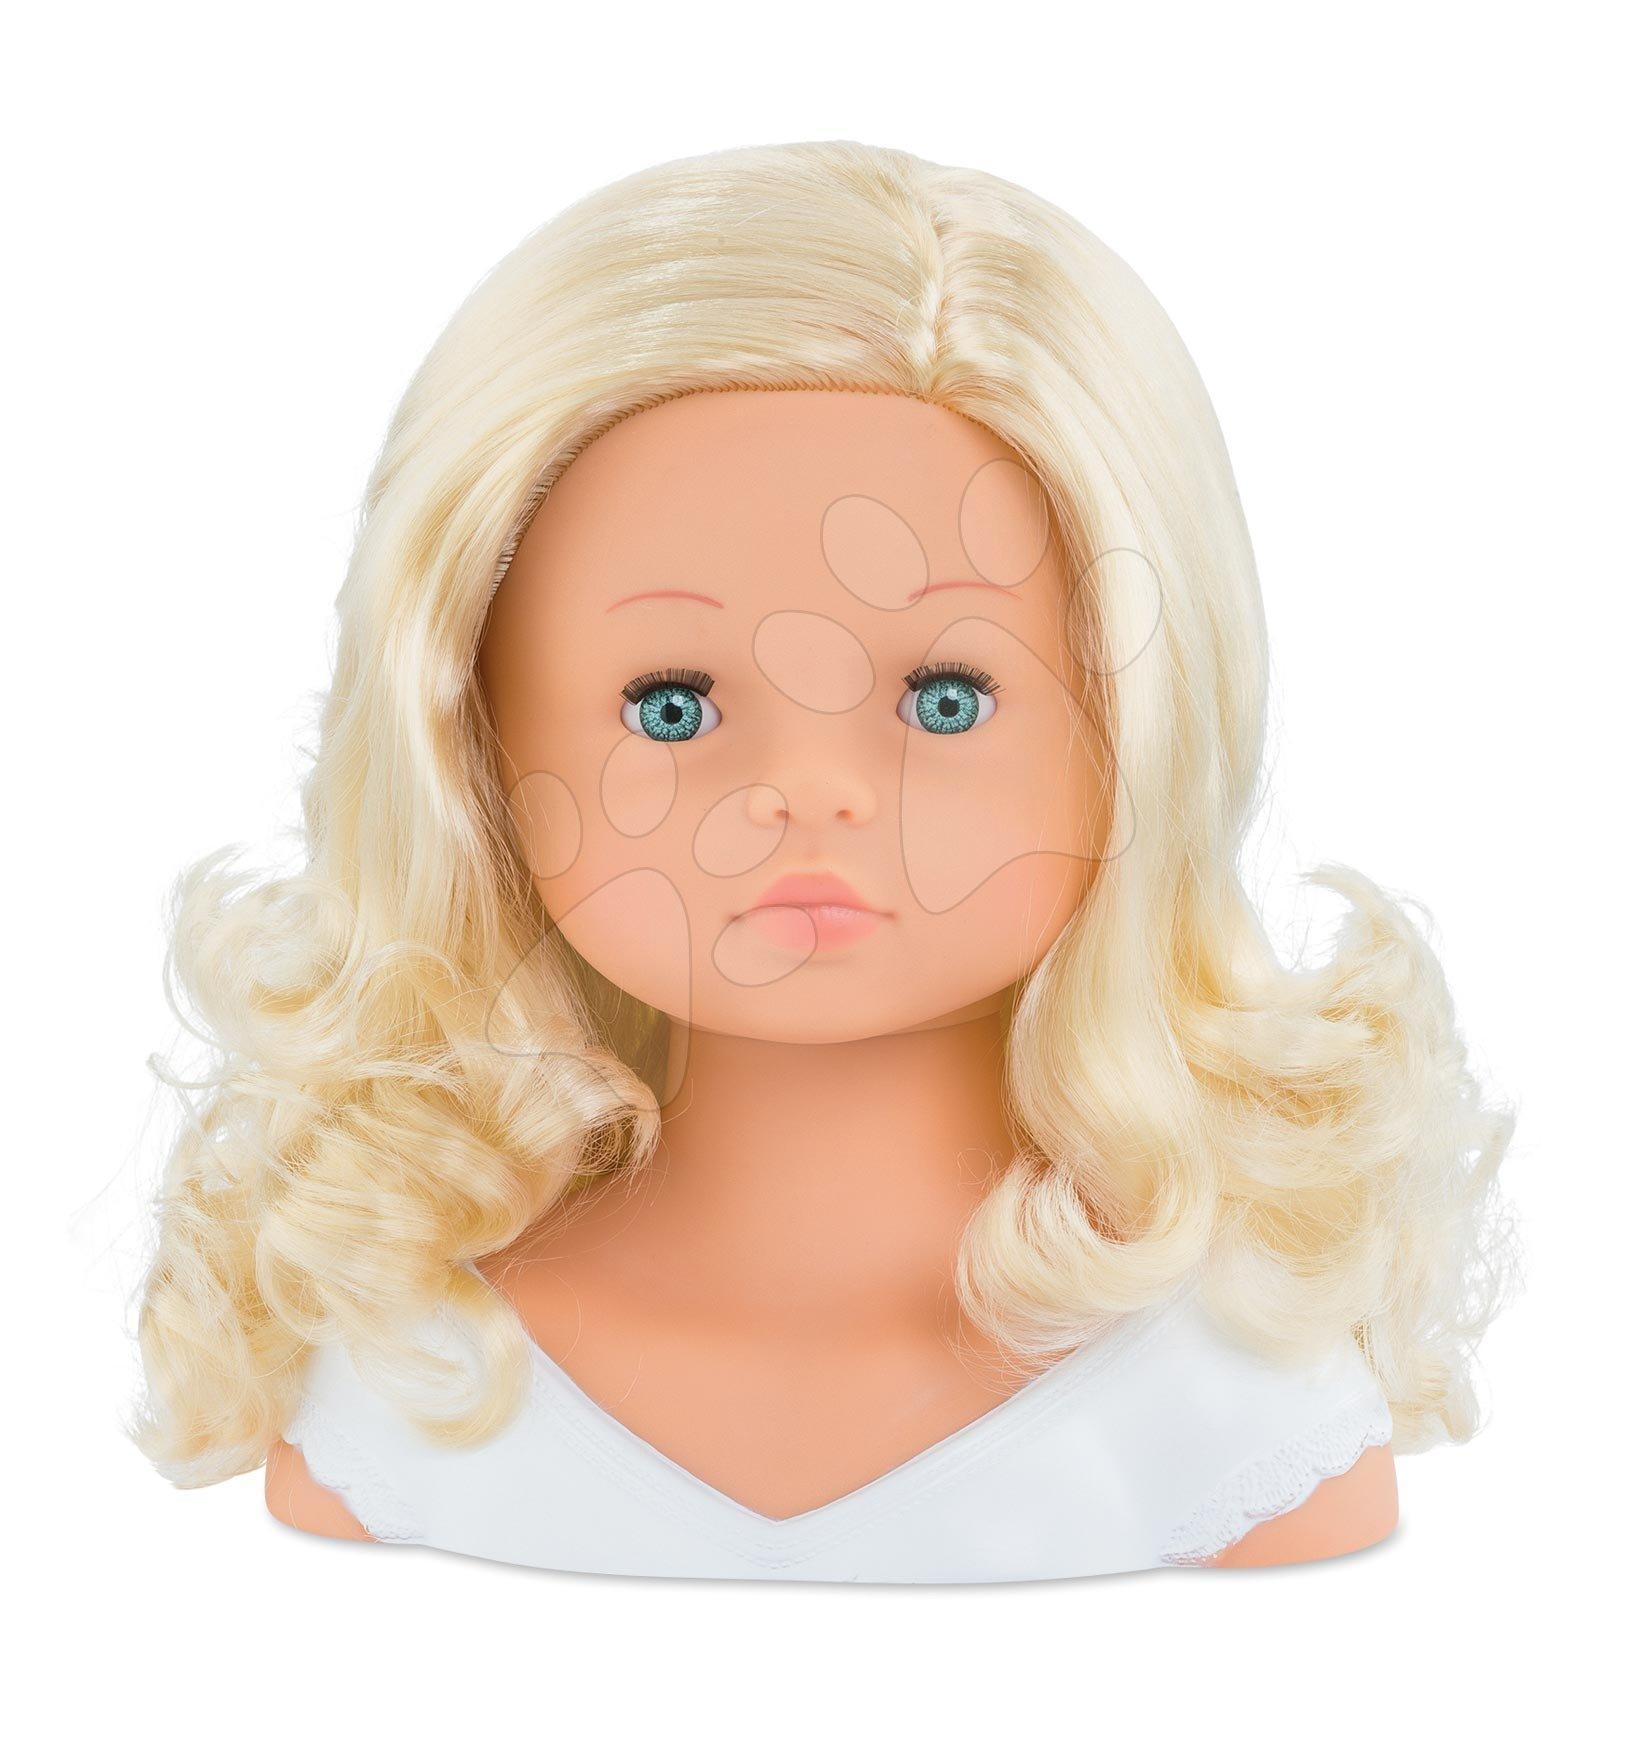 Bábiky od 3 rokov - Kadernícka česacia hlava Hairdressing Head Corolle s krásne jemnými voňavými vláskami a 20 doplnkami od 3 rokov